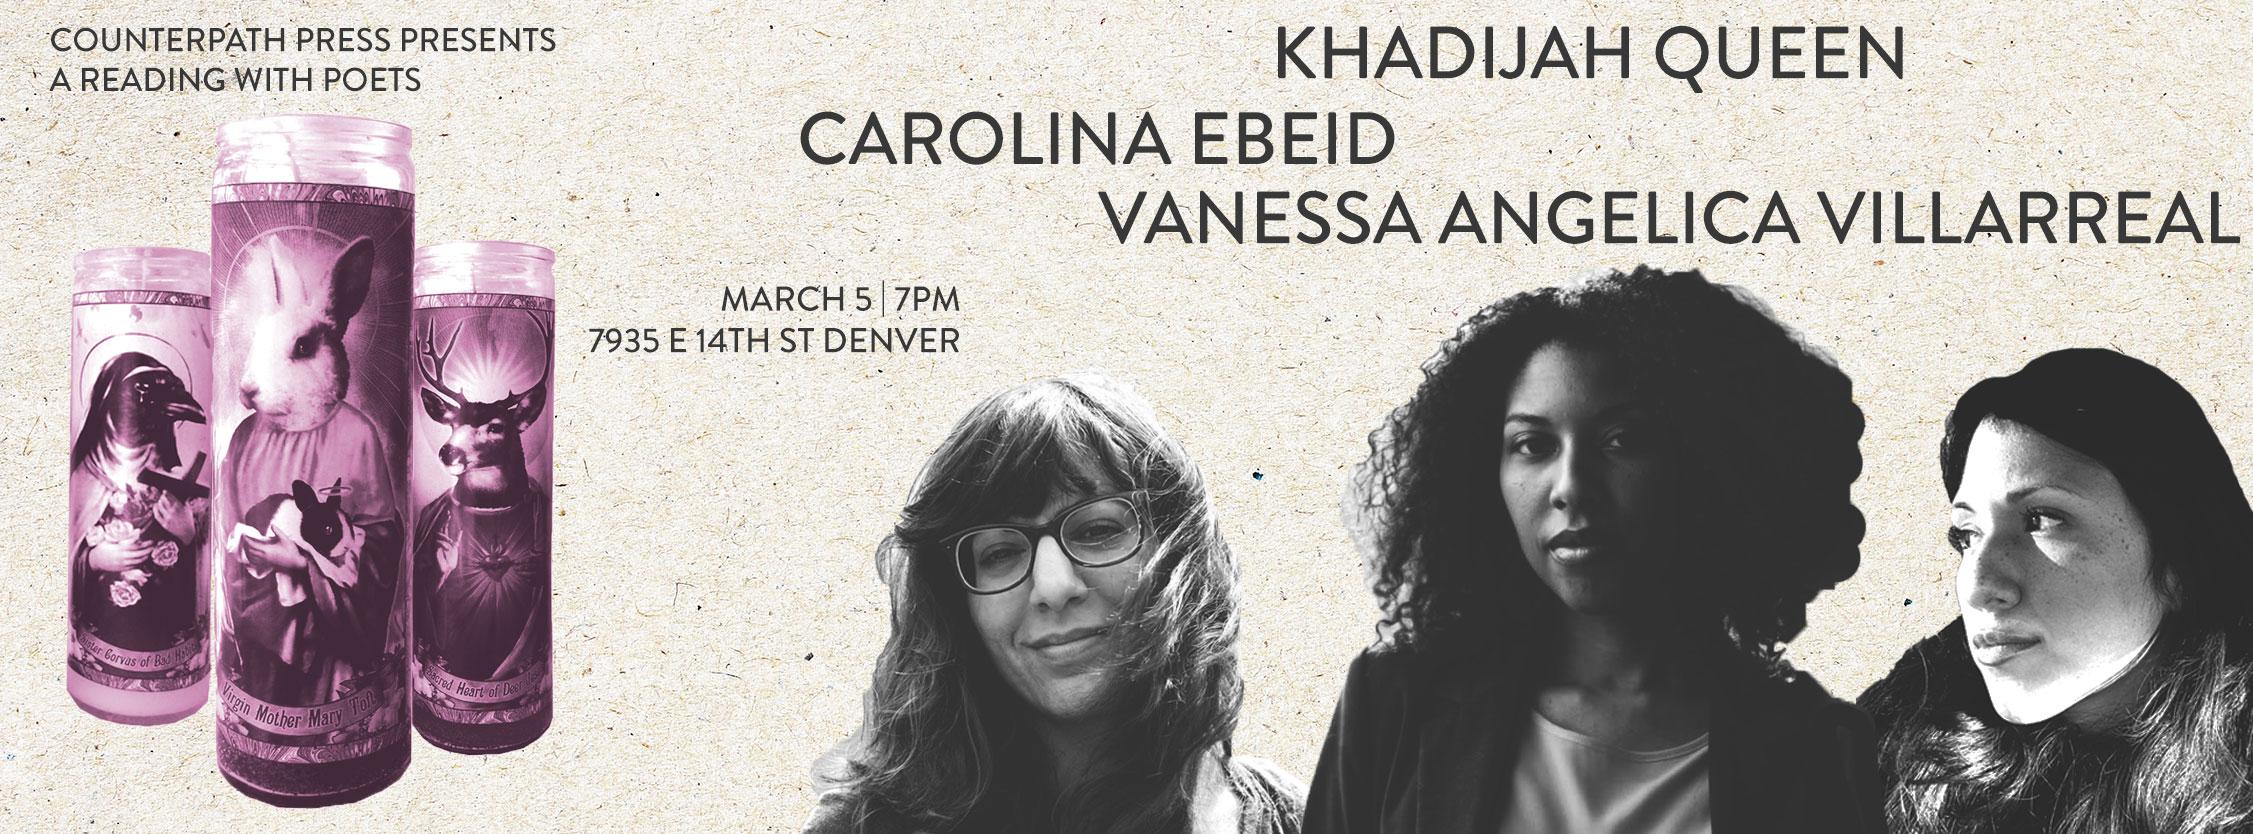 Khadijah Queen, Carolina Ebeid, and Vanessa Villarreal, March 5, 2016